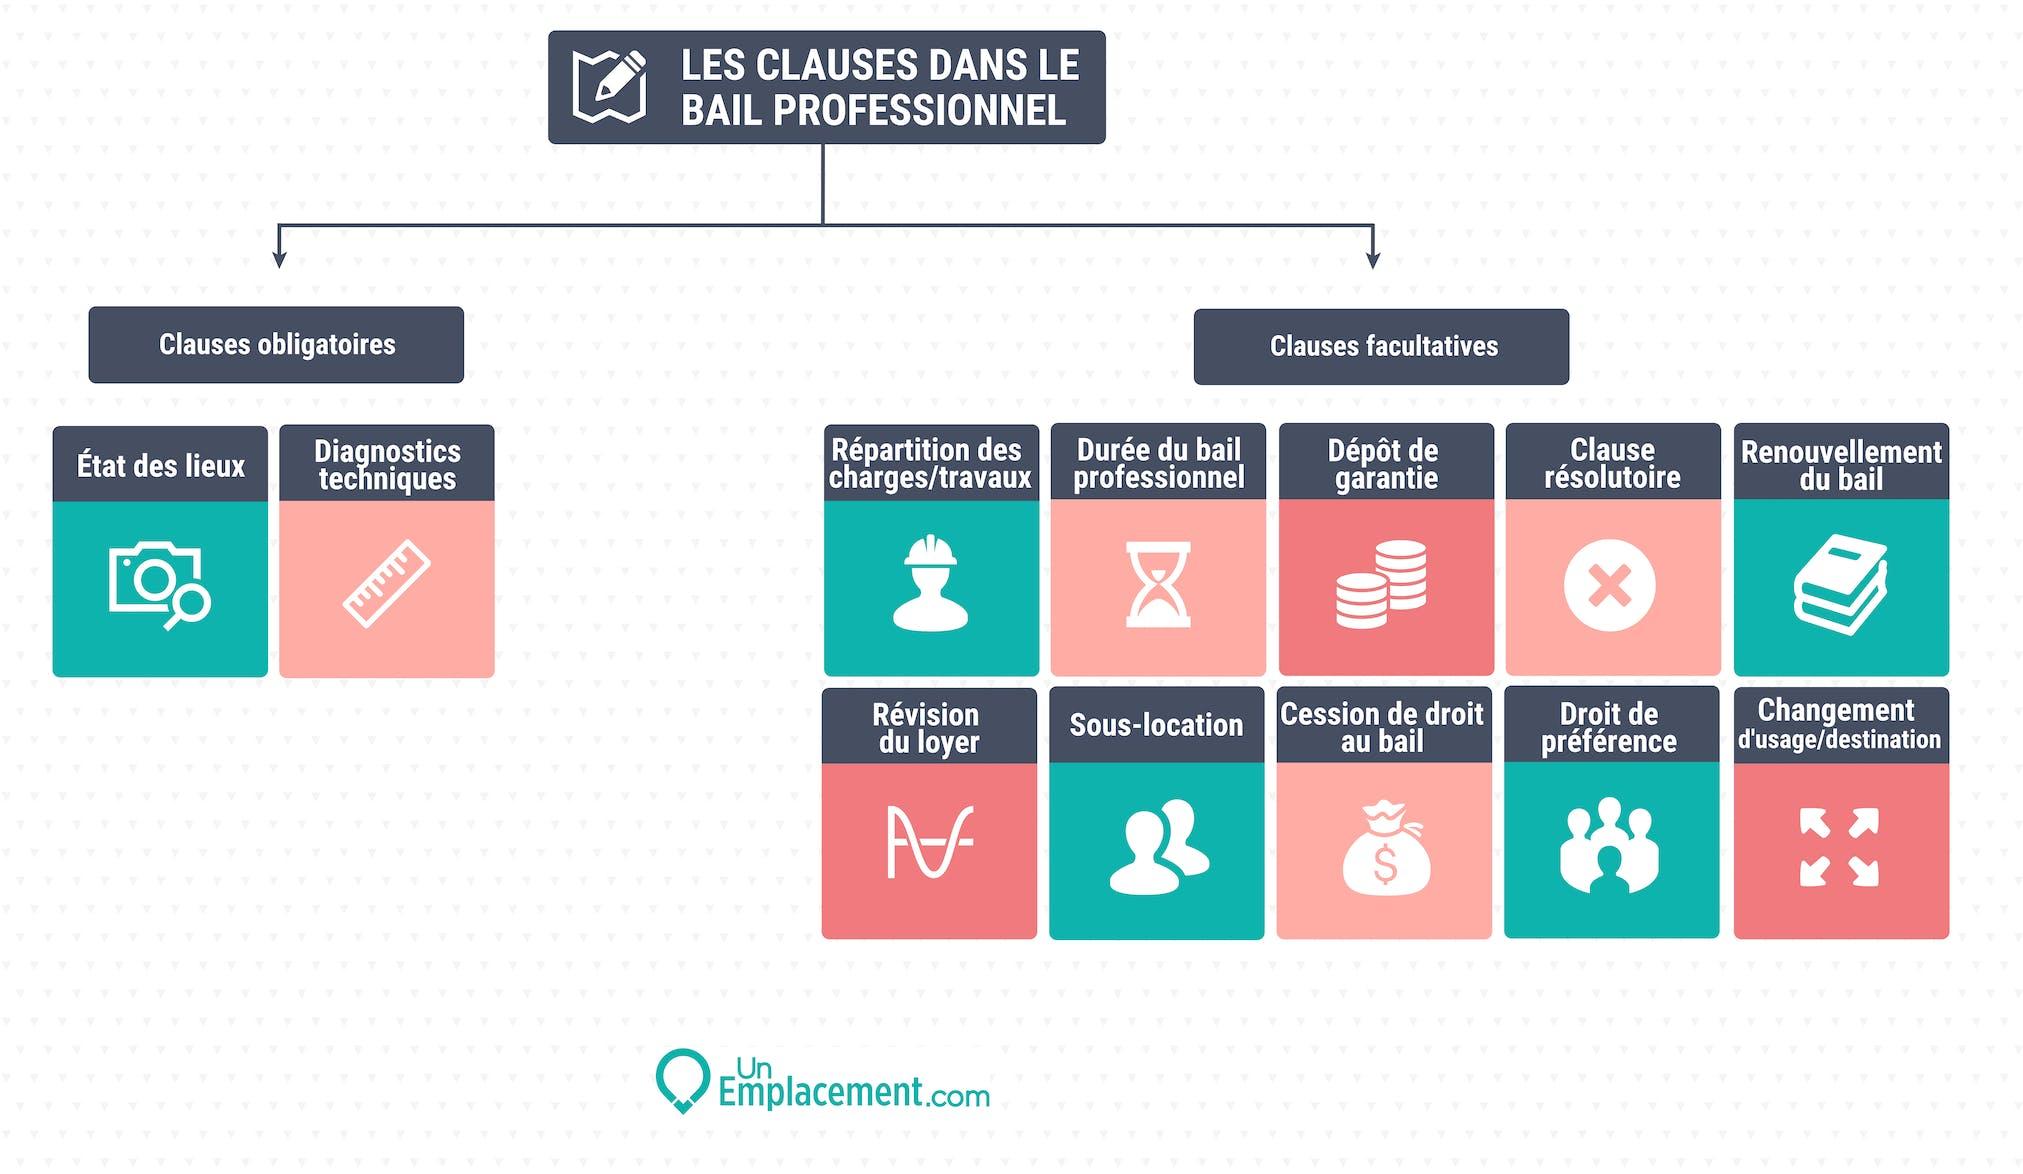 Infographie sur les clauses dans le bail pro